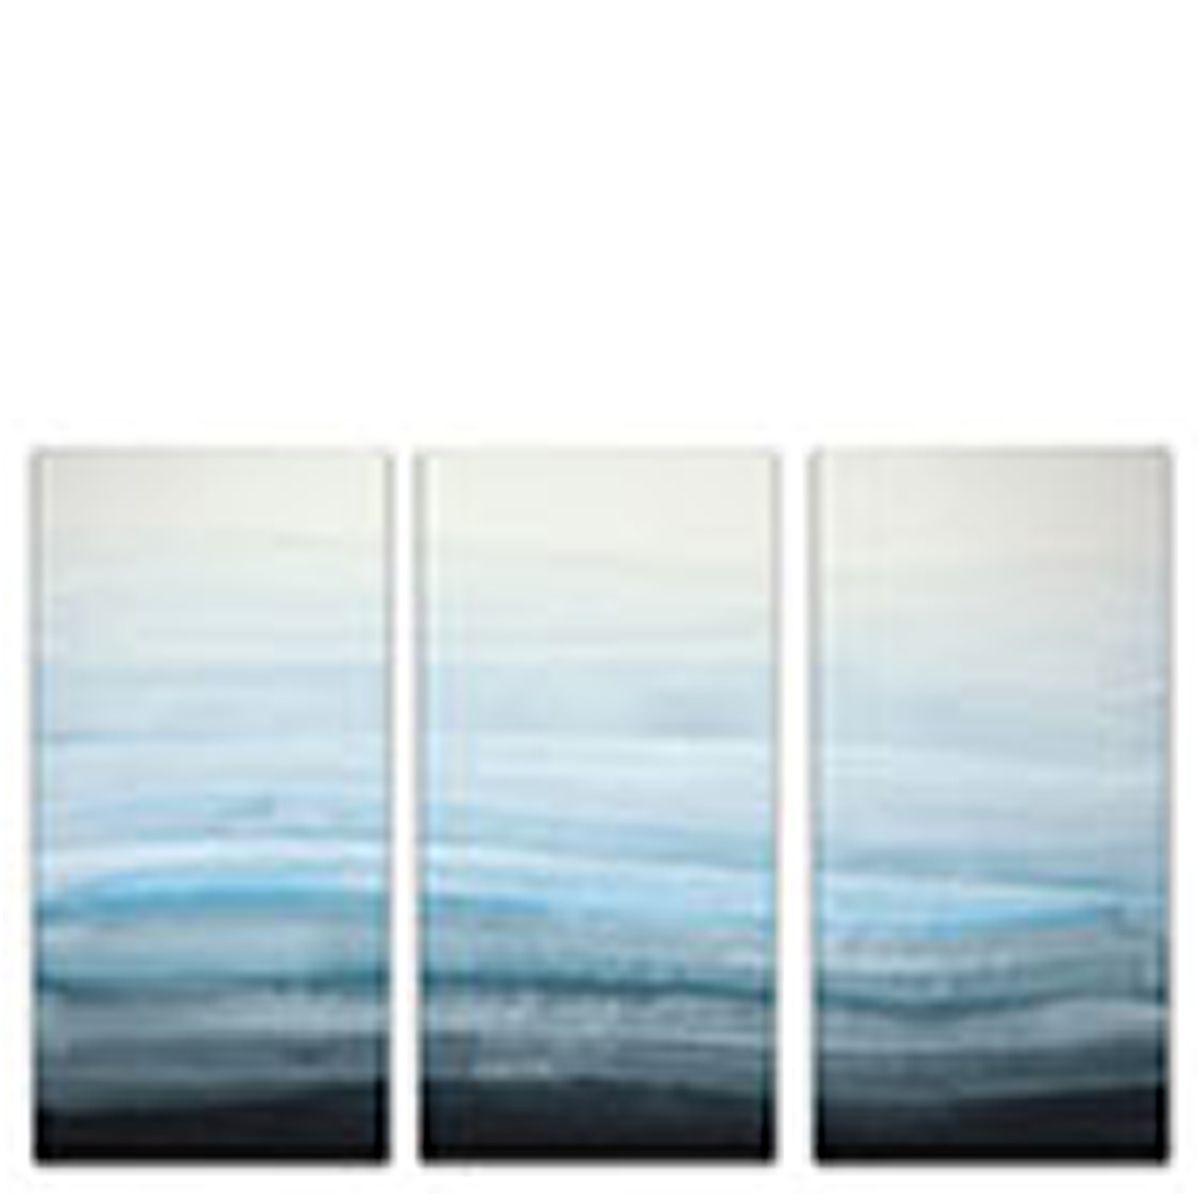 bdc2882617d Wall Décor   Mirrors - Macy s